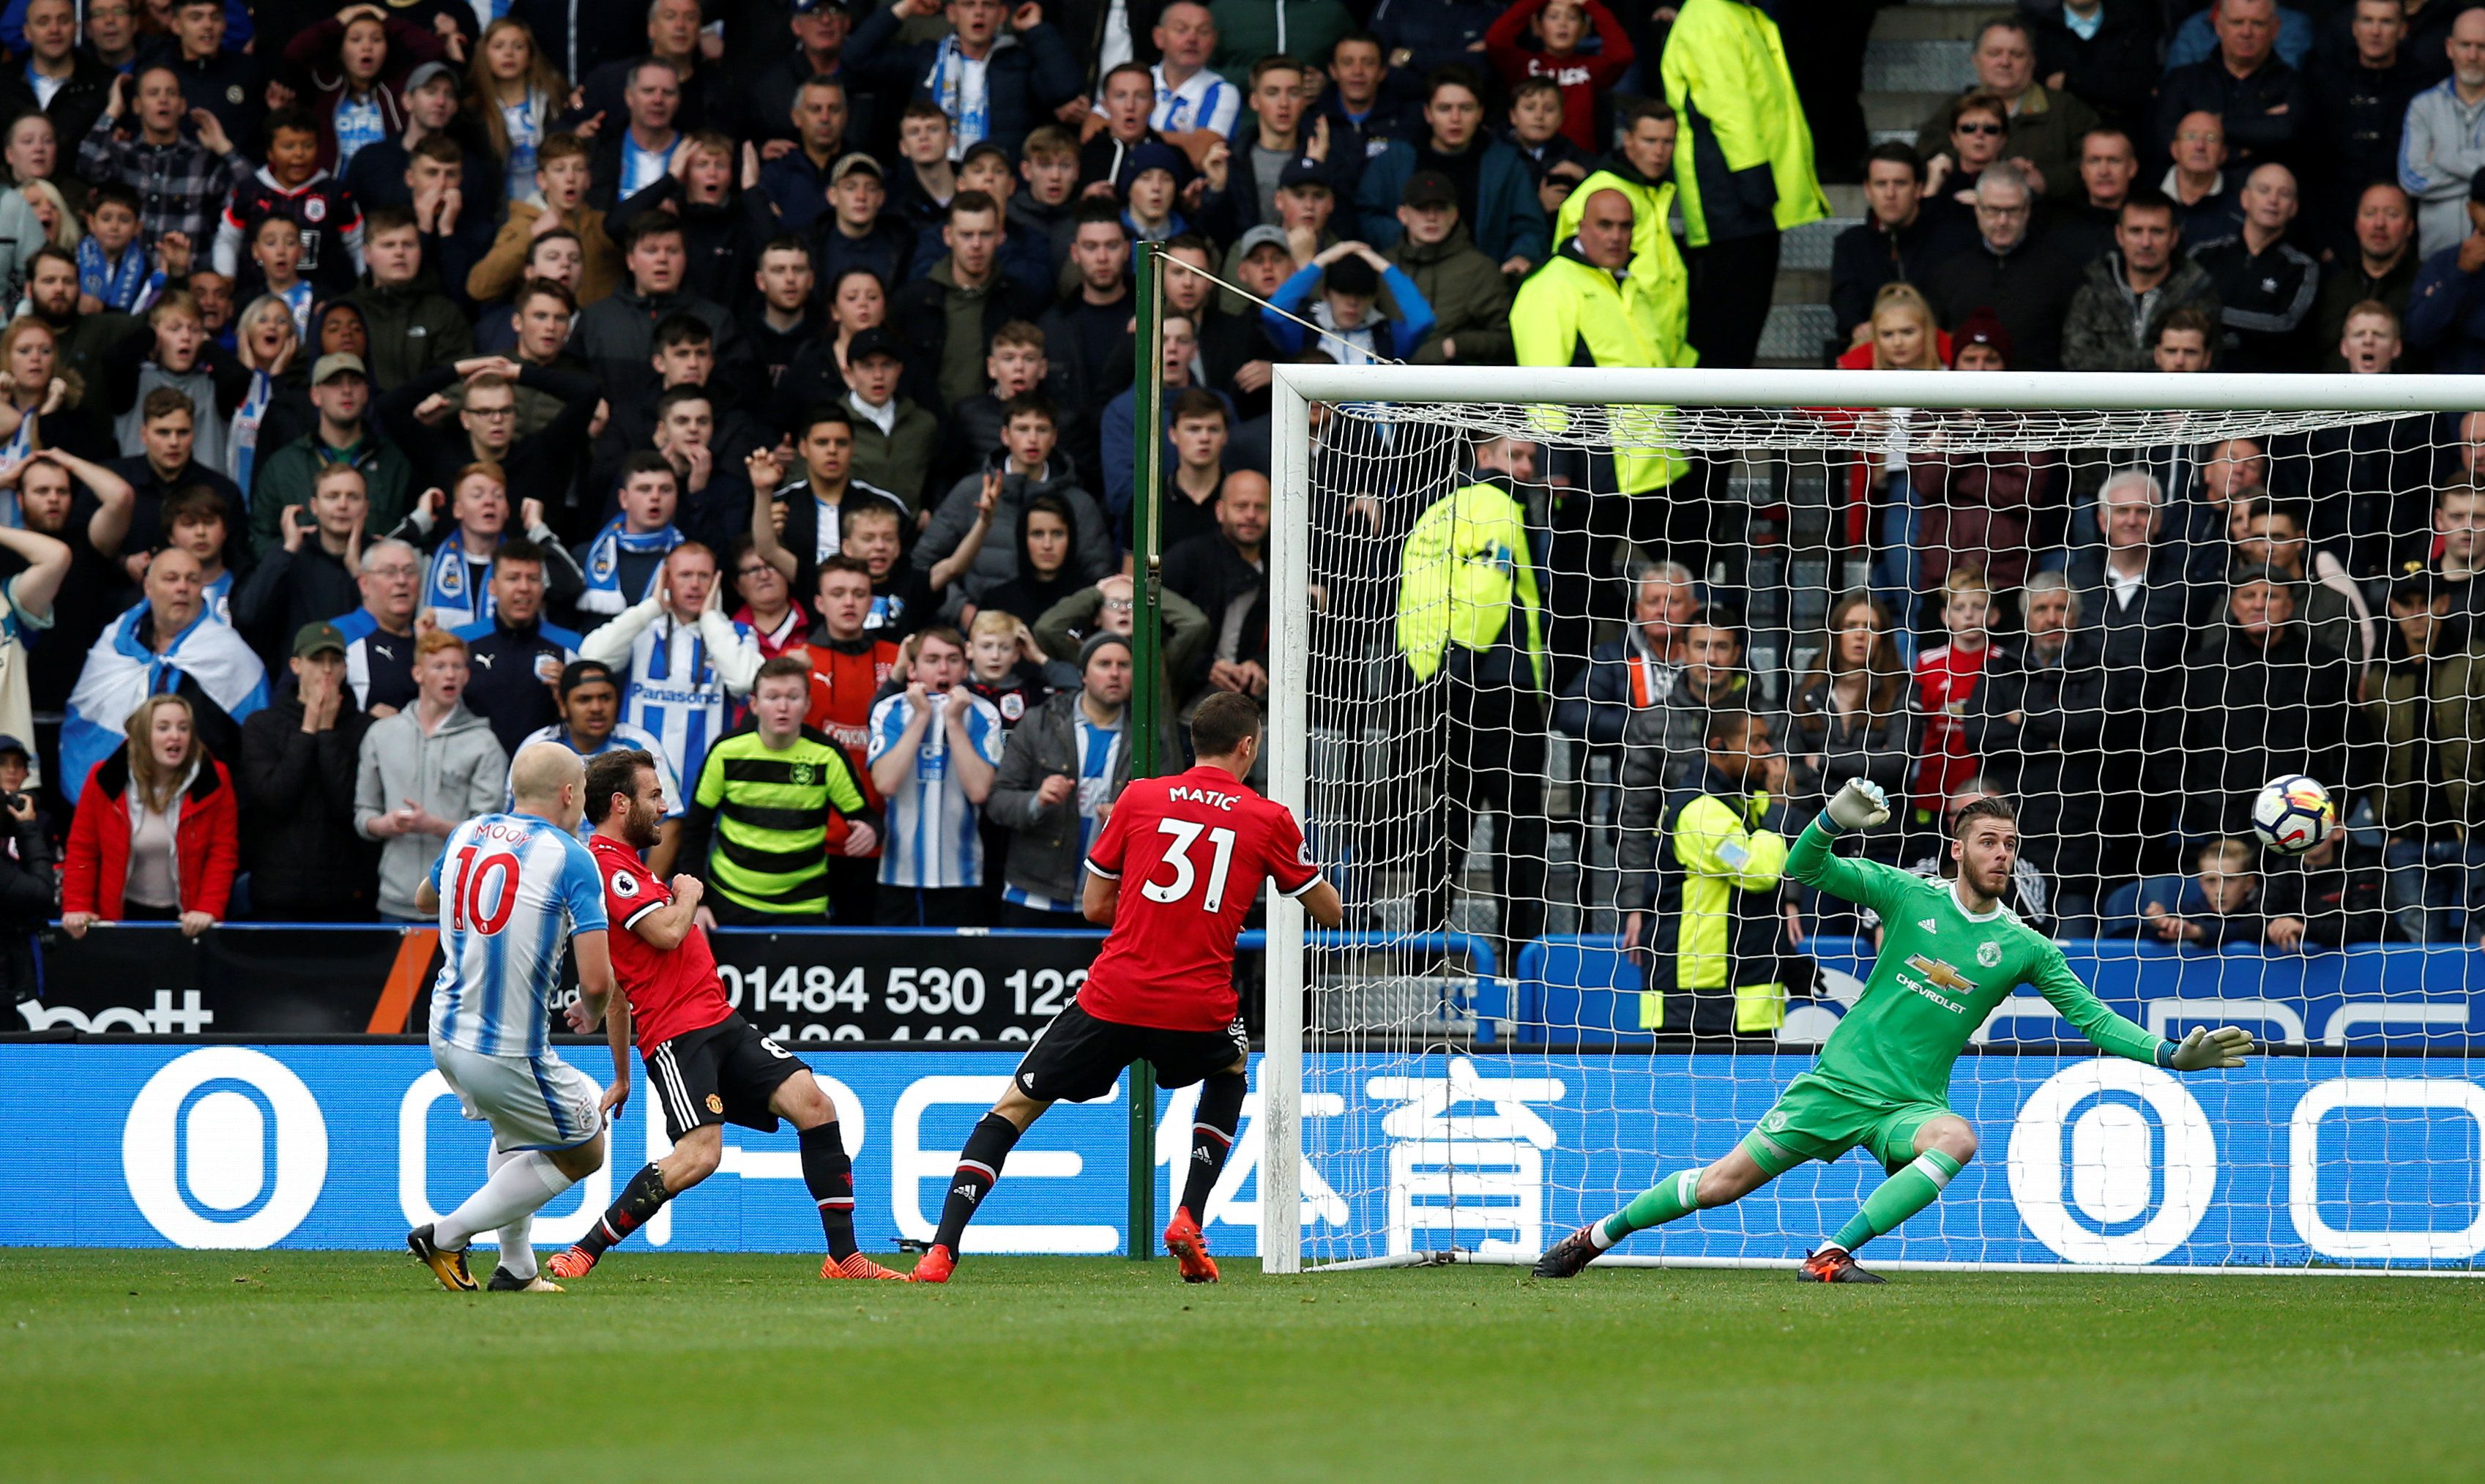 Pha dứt điểm mở tỉ số cho Huddersfield của Mooy. Ảnh: REUTERS